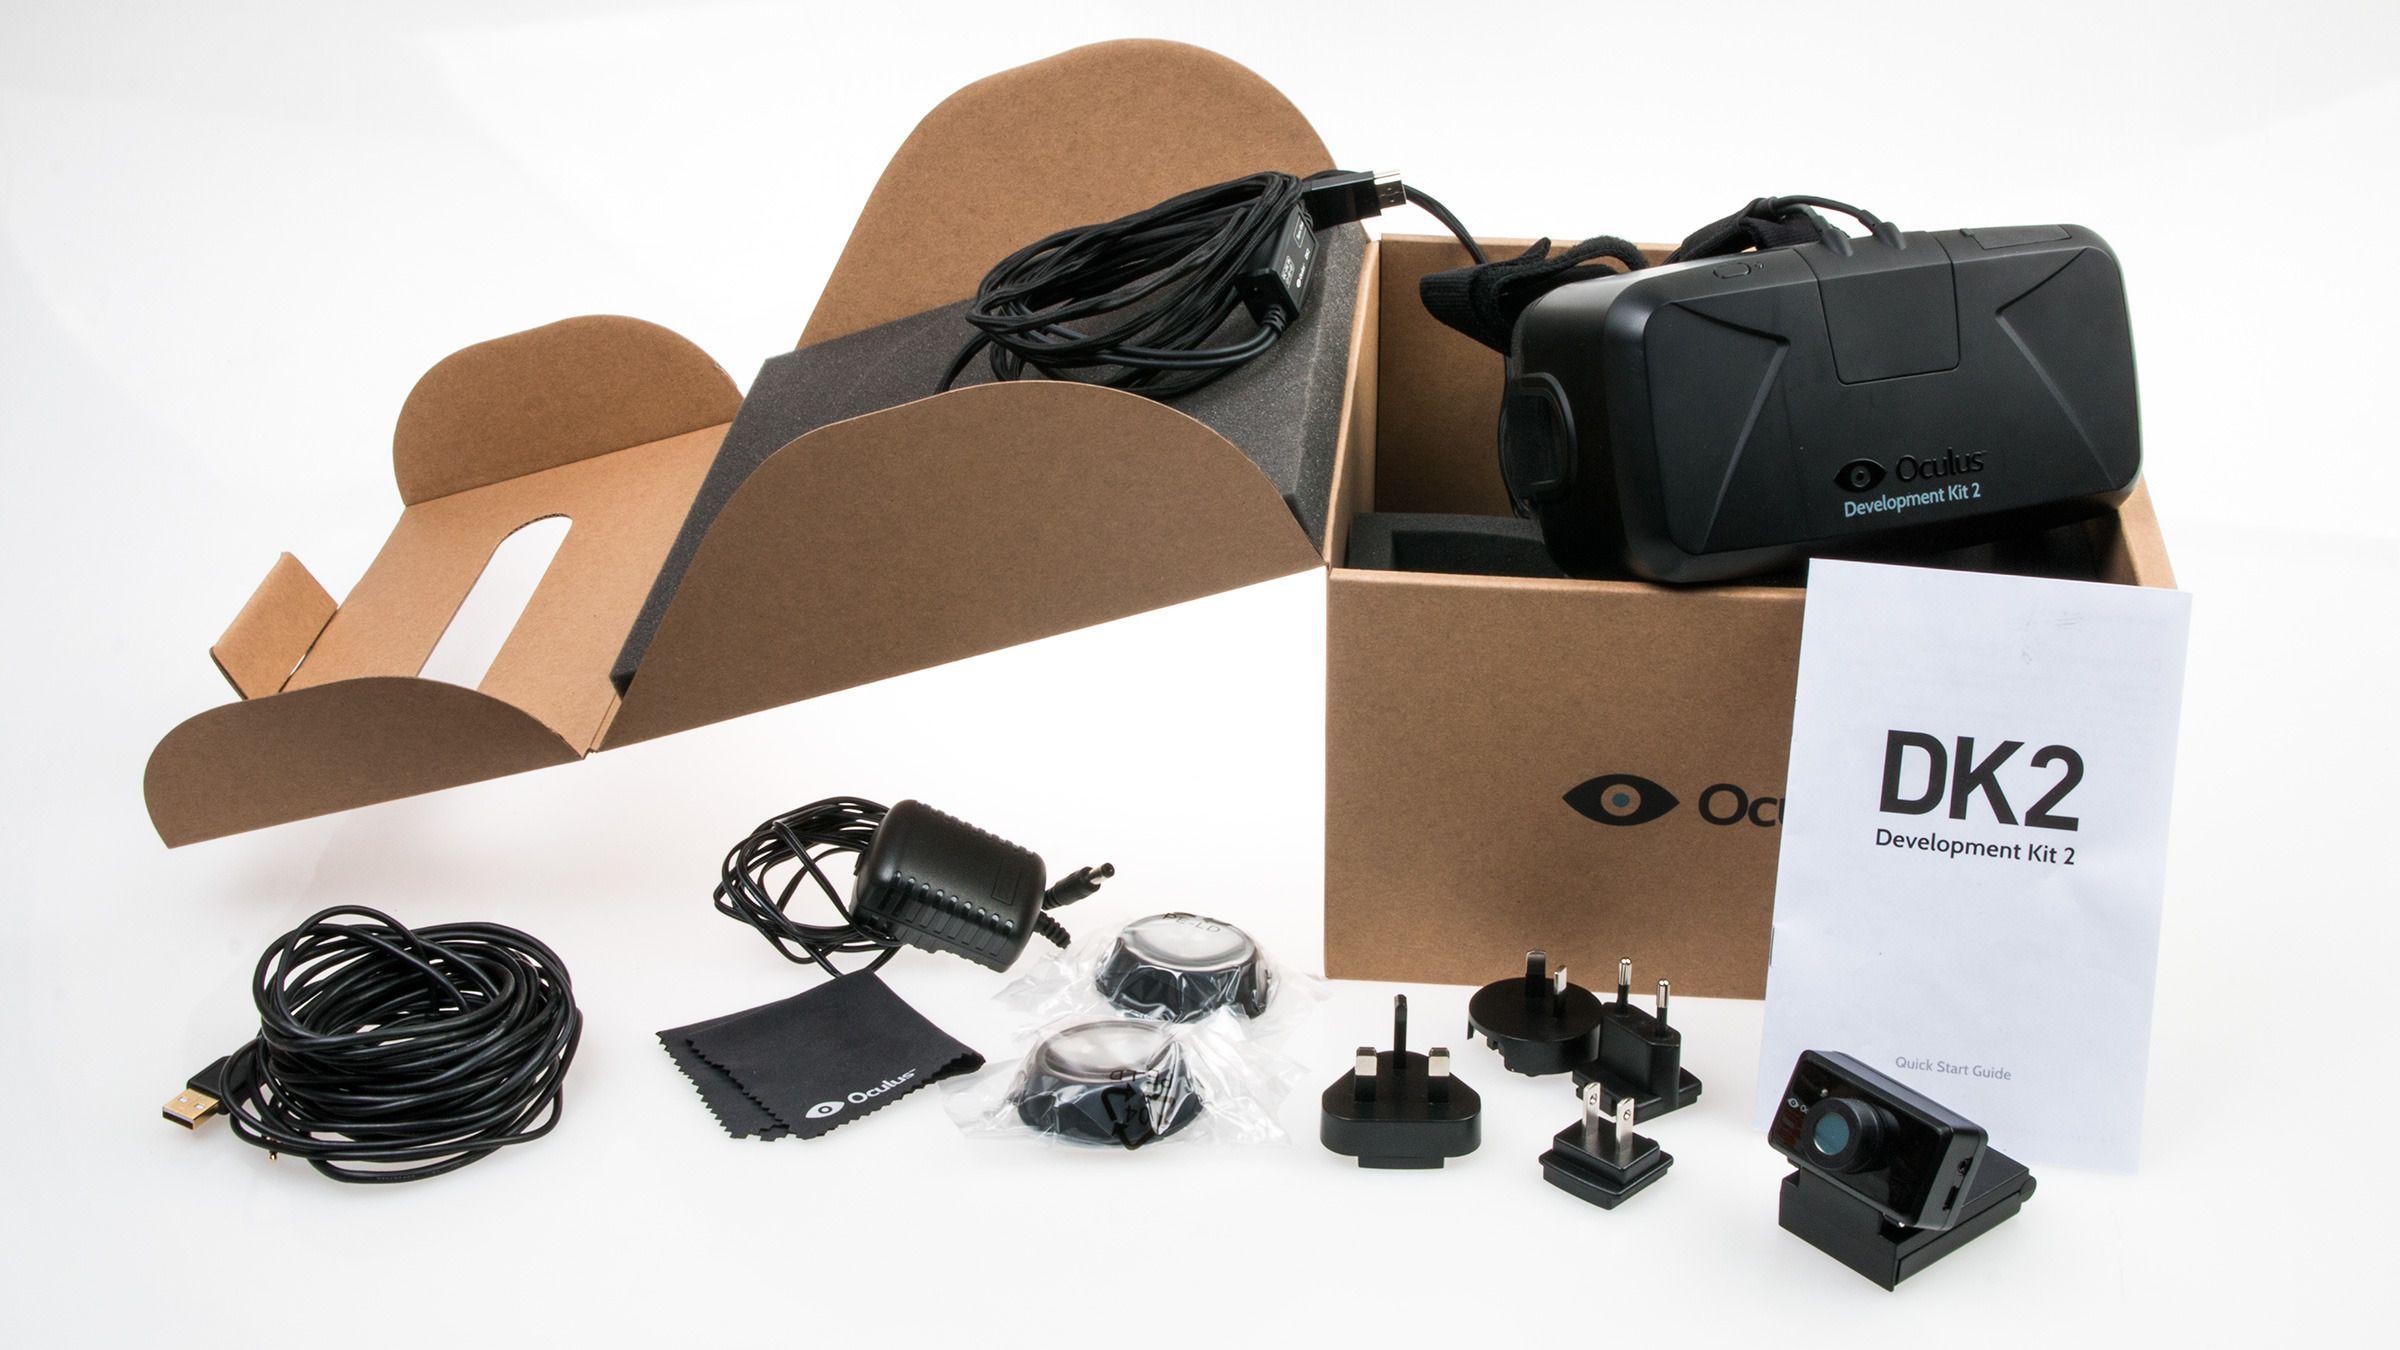 Når vi åpner esken er absolutt alle delene av settet pakket i plastposer, men med disse ryddet av veien har vi god oversikt over hva som følger med: Ekstra linser, støpsel-adaptere for en rekke forskjellige land, et strømadapter, pusseklut, en rekke forskjellige kabler, bruksanvisning og et slags webkamera. Og Oculus Rift DK2, selvfølgelig.Foto: Varg Aamo, Tek.no